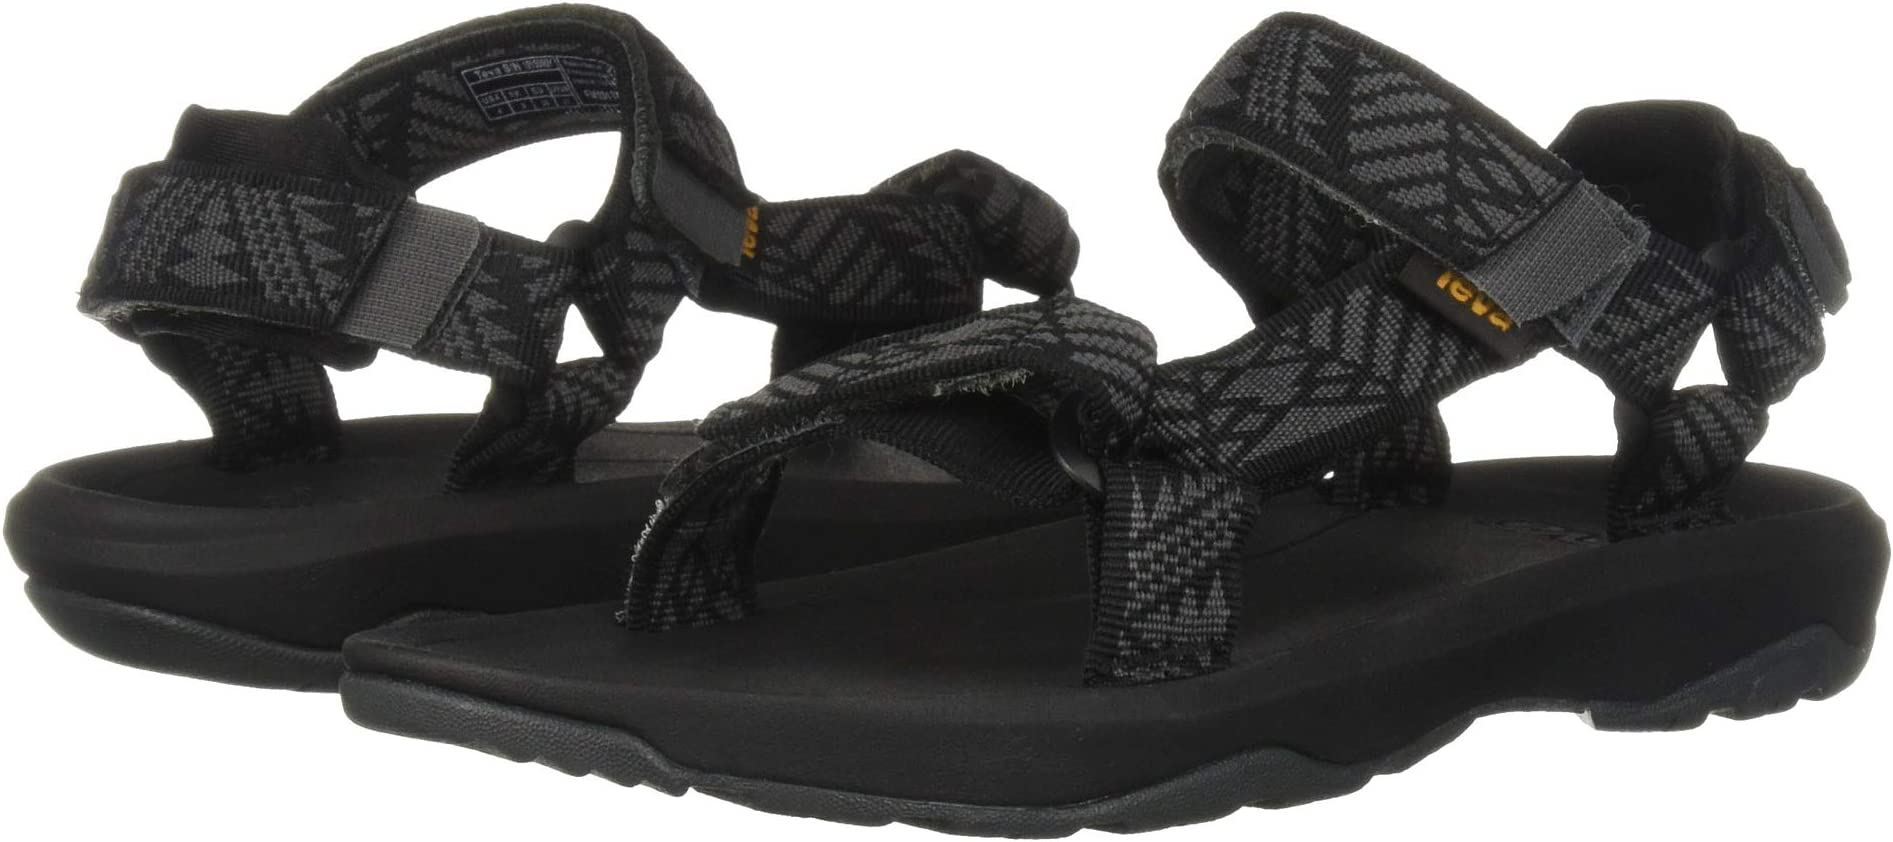 08567fa493c7 Teva Sandals